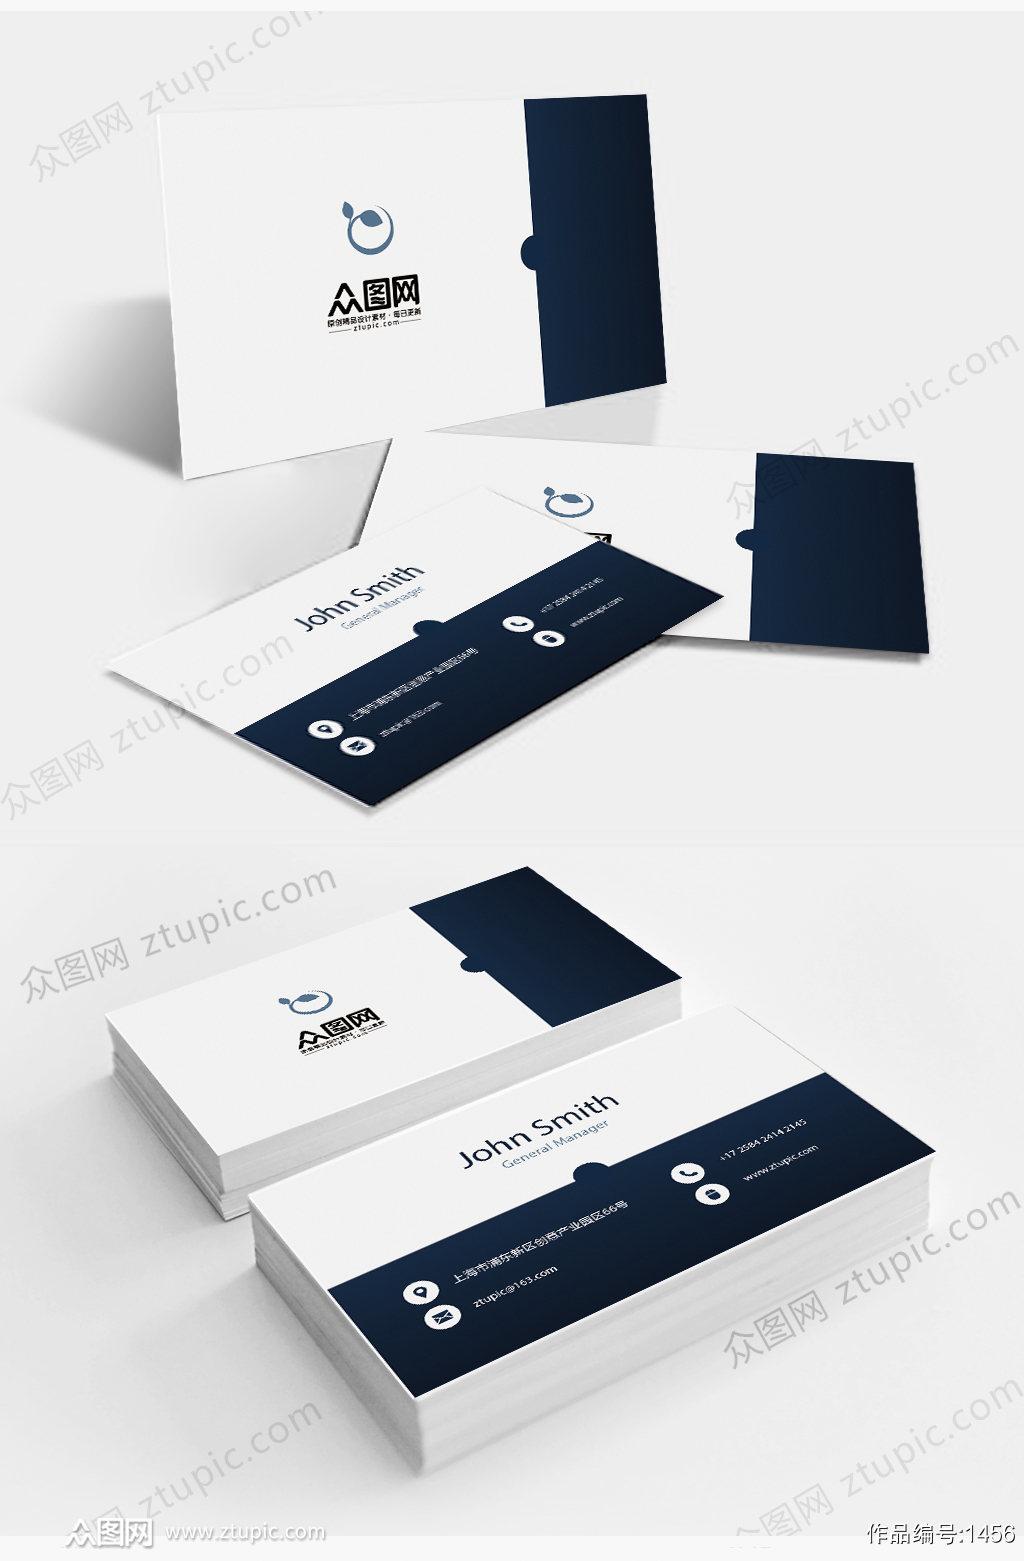 原创个性简约时尚创意黑白切割线名片设计模板 名片背面素材